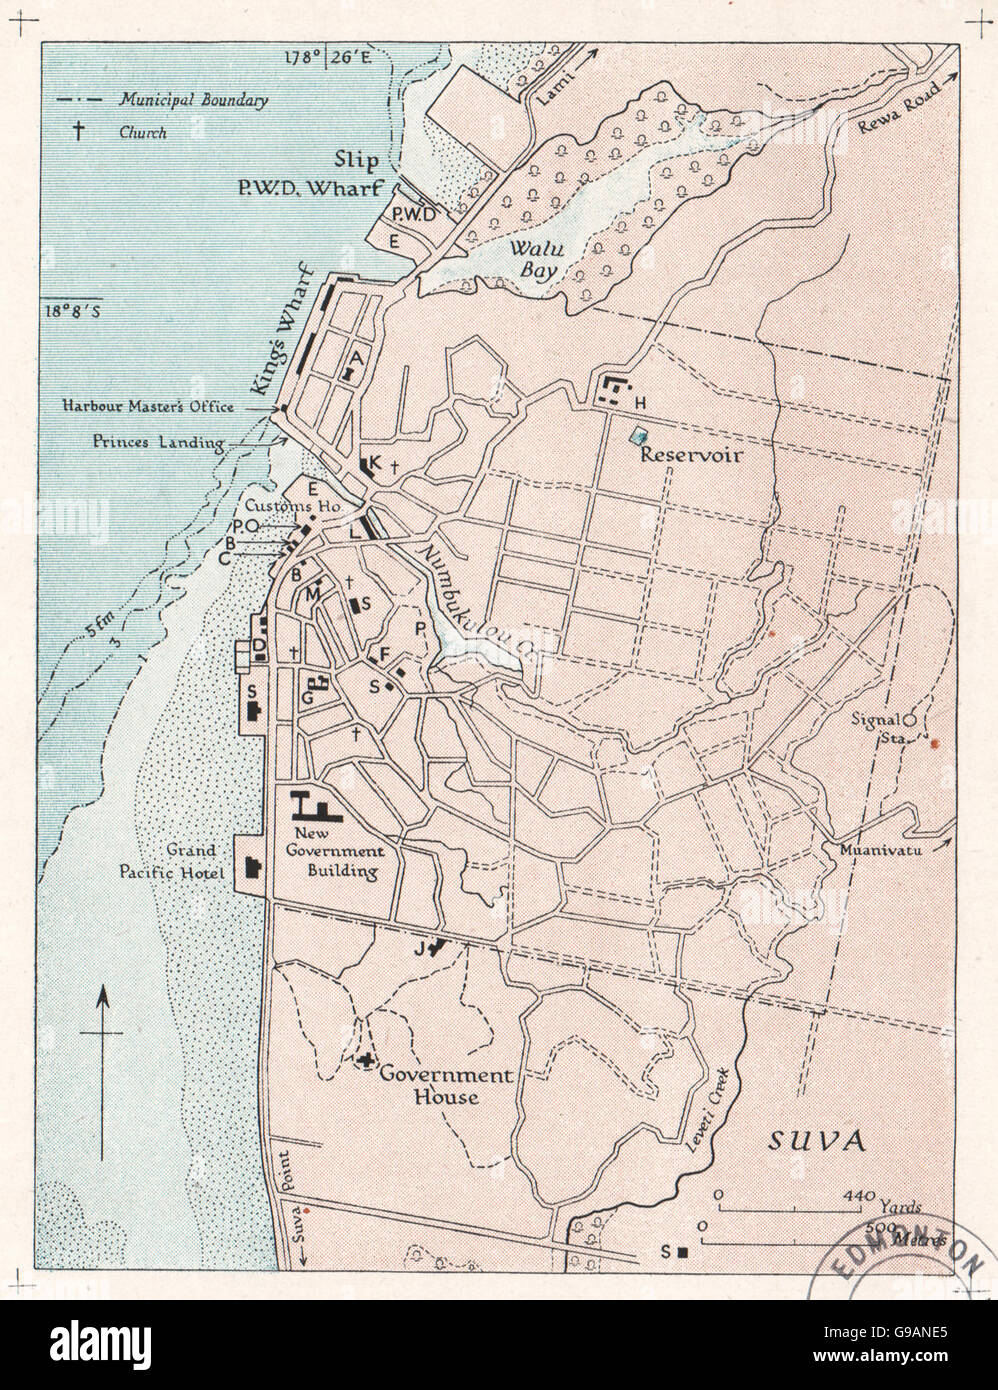 FIJI Suva WW2 ROYAL NAVY INTELLIGENCE MAP 1944 Stock Photo